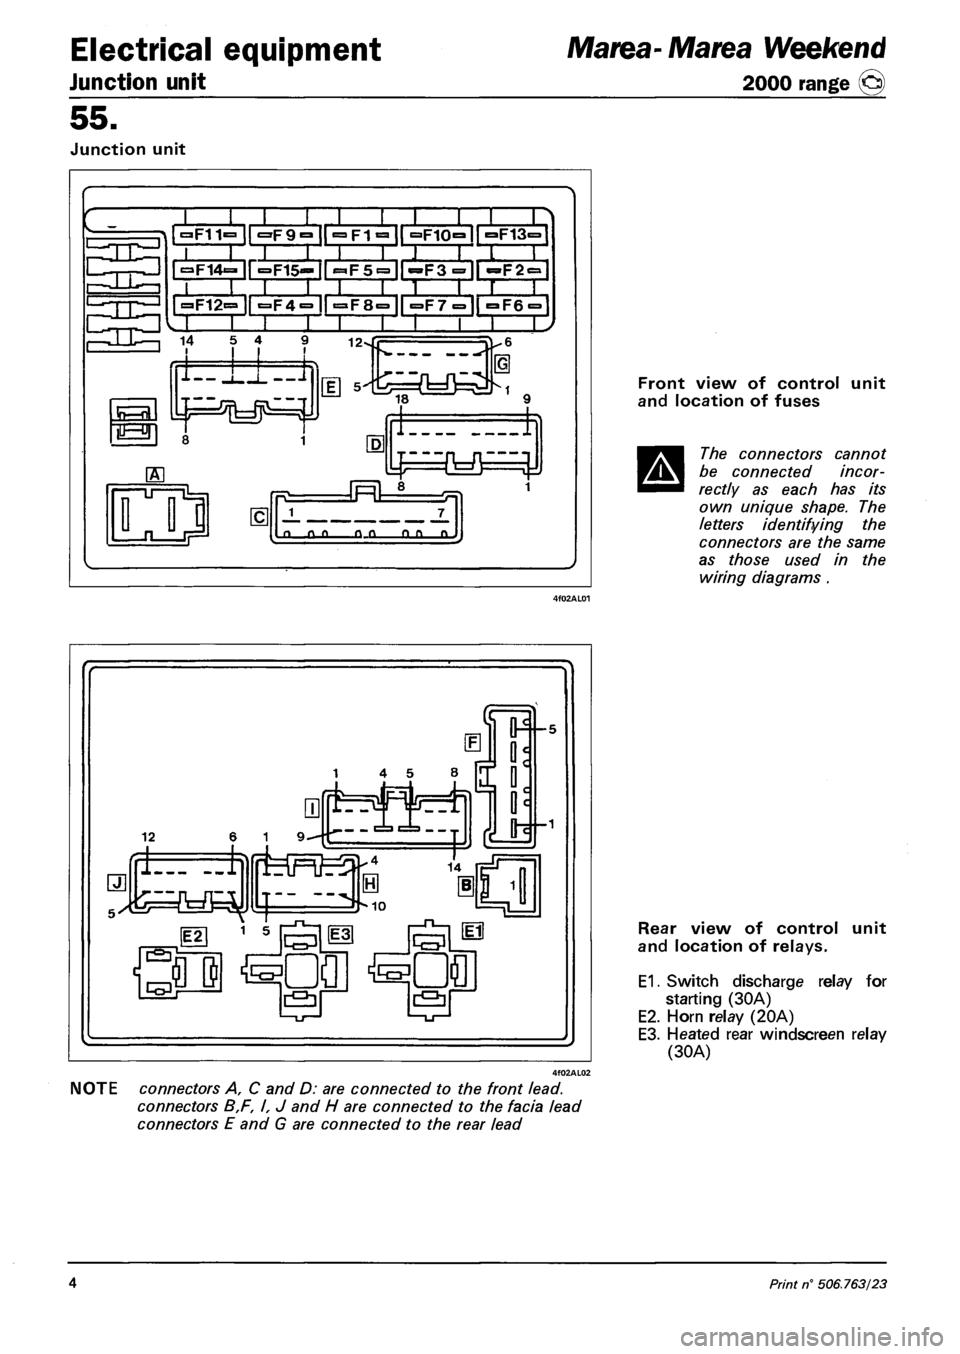 Fuses Fiat Marea 2000 1g Workshop Manual Fuse Box For Ulysse Page 134